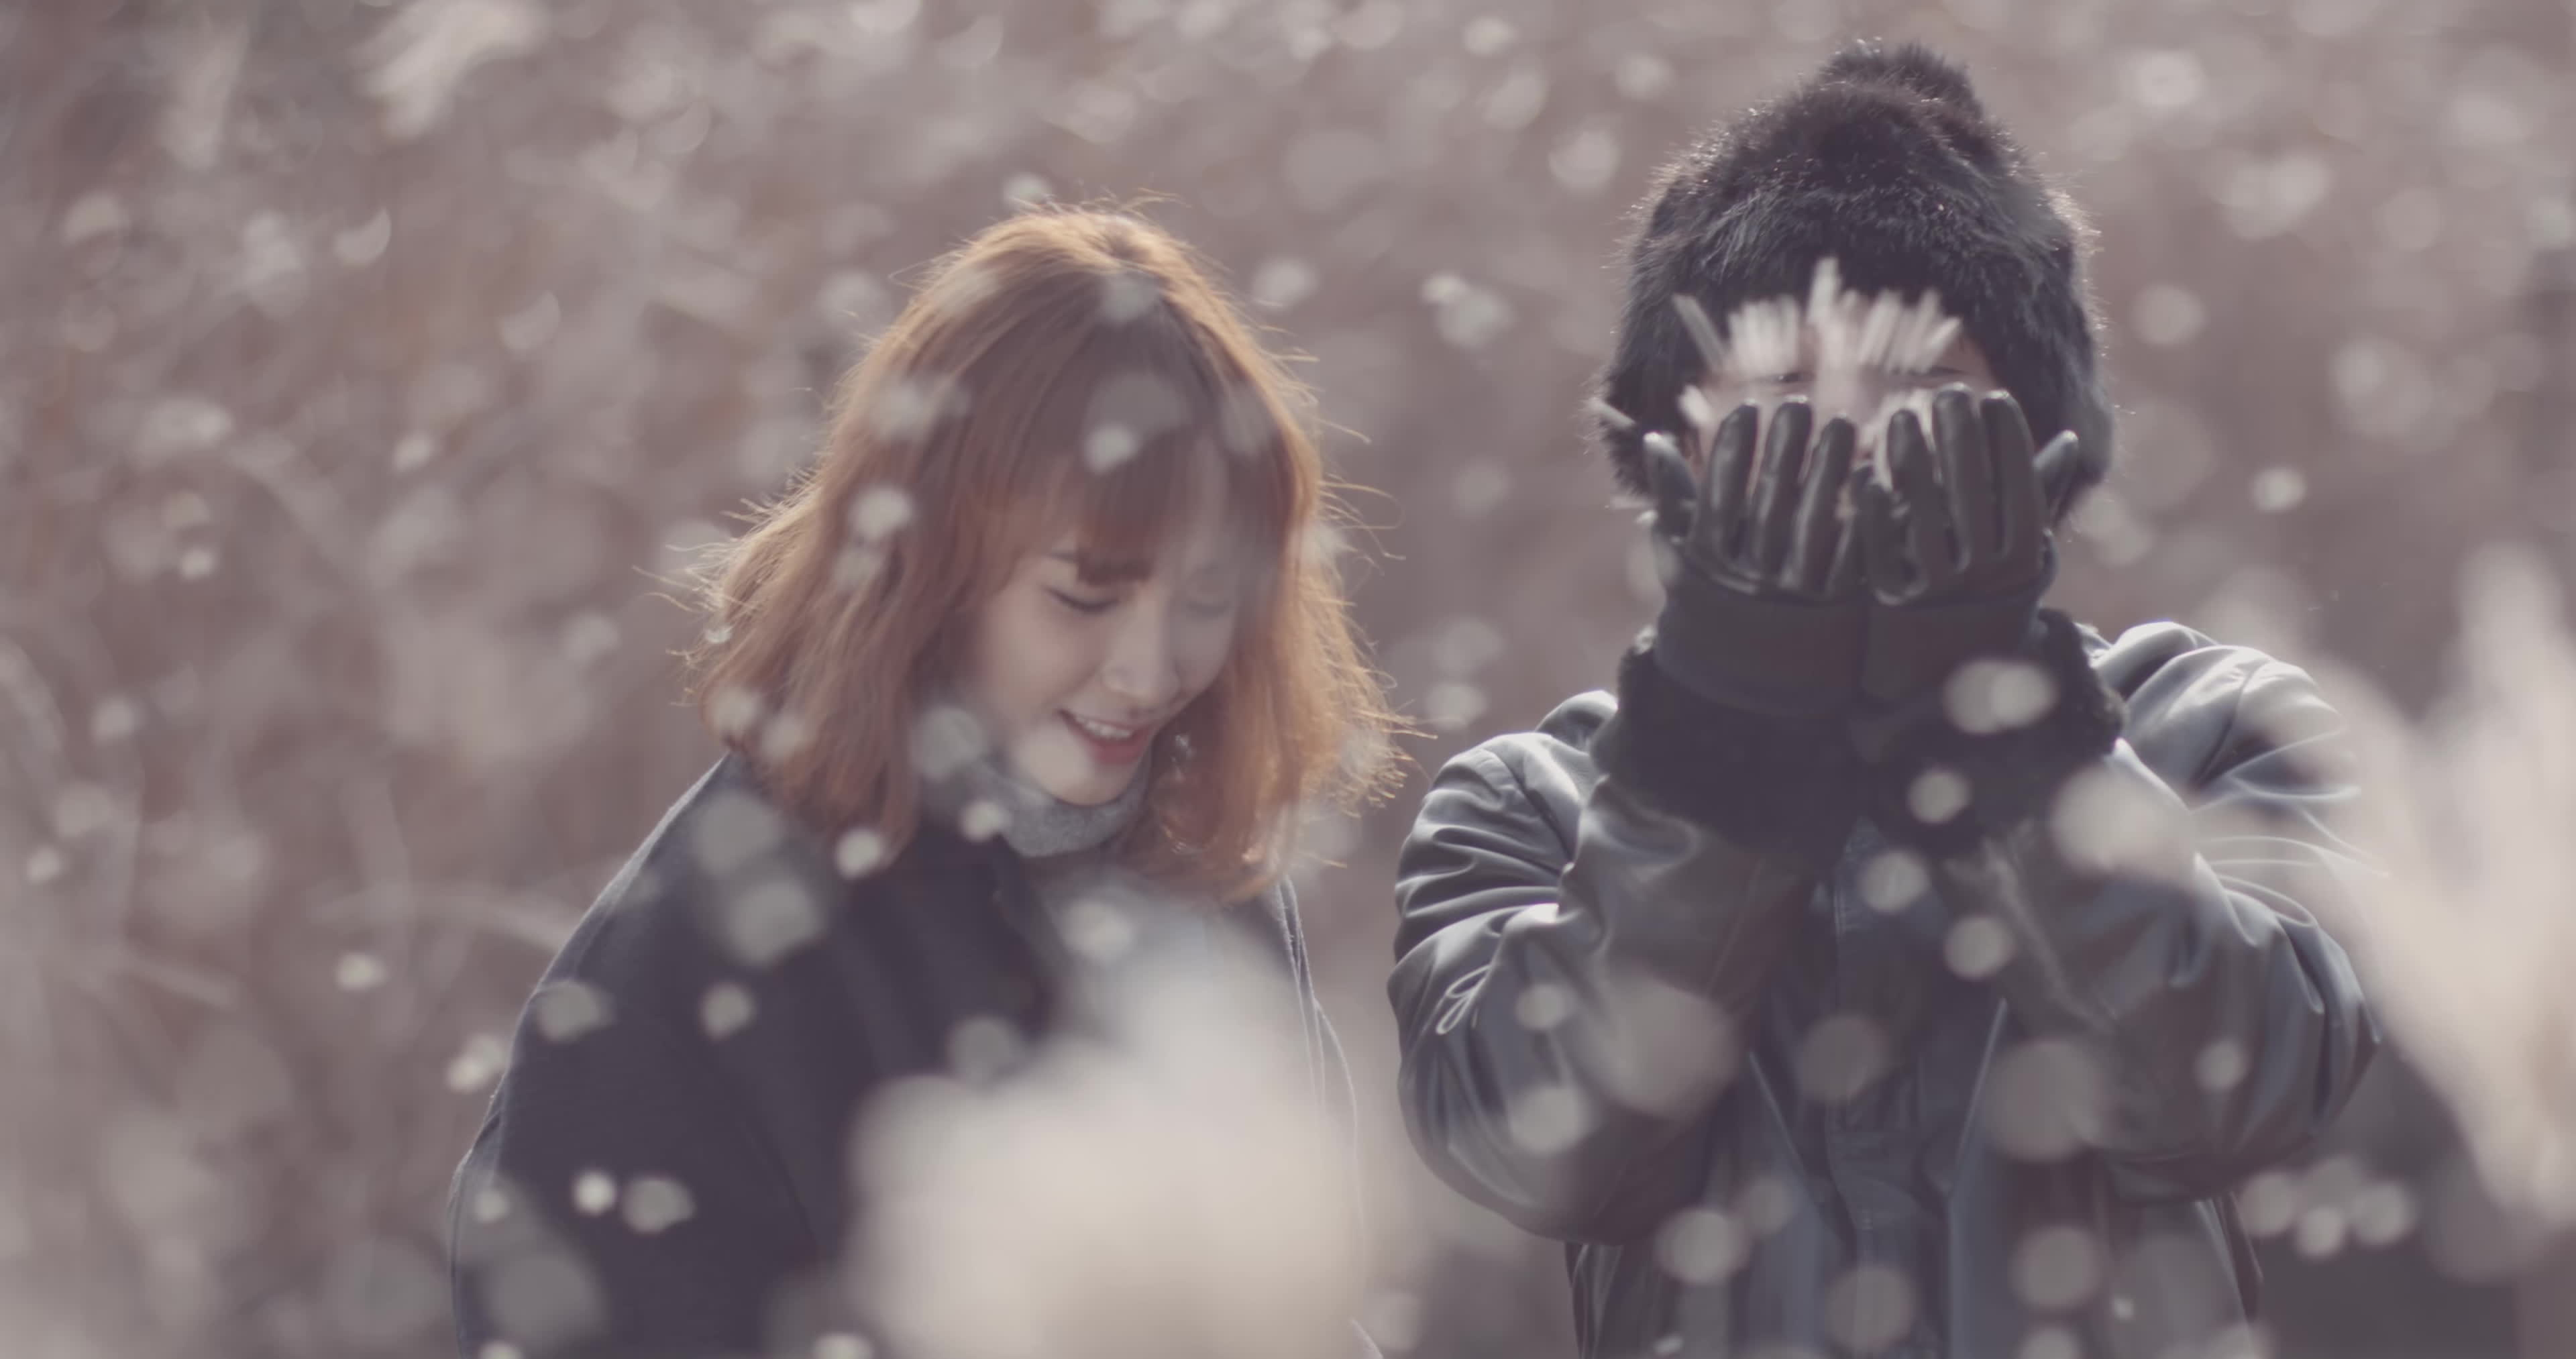 Những mỹ nữ Vpop mà fan cần được thấy thường xuyên nhất trong các MV!